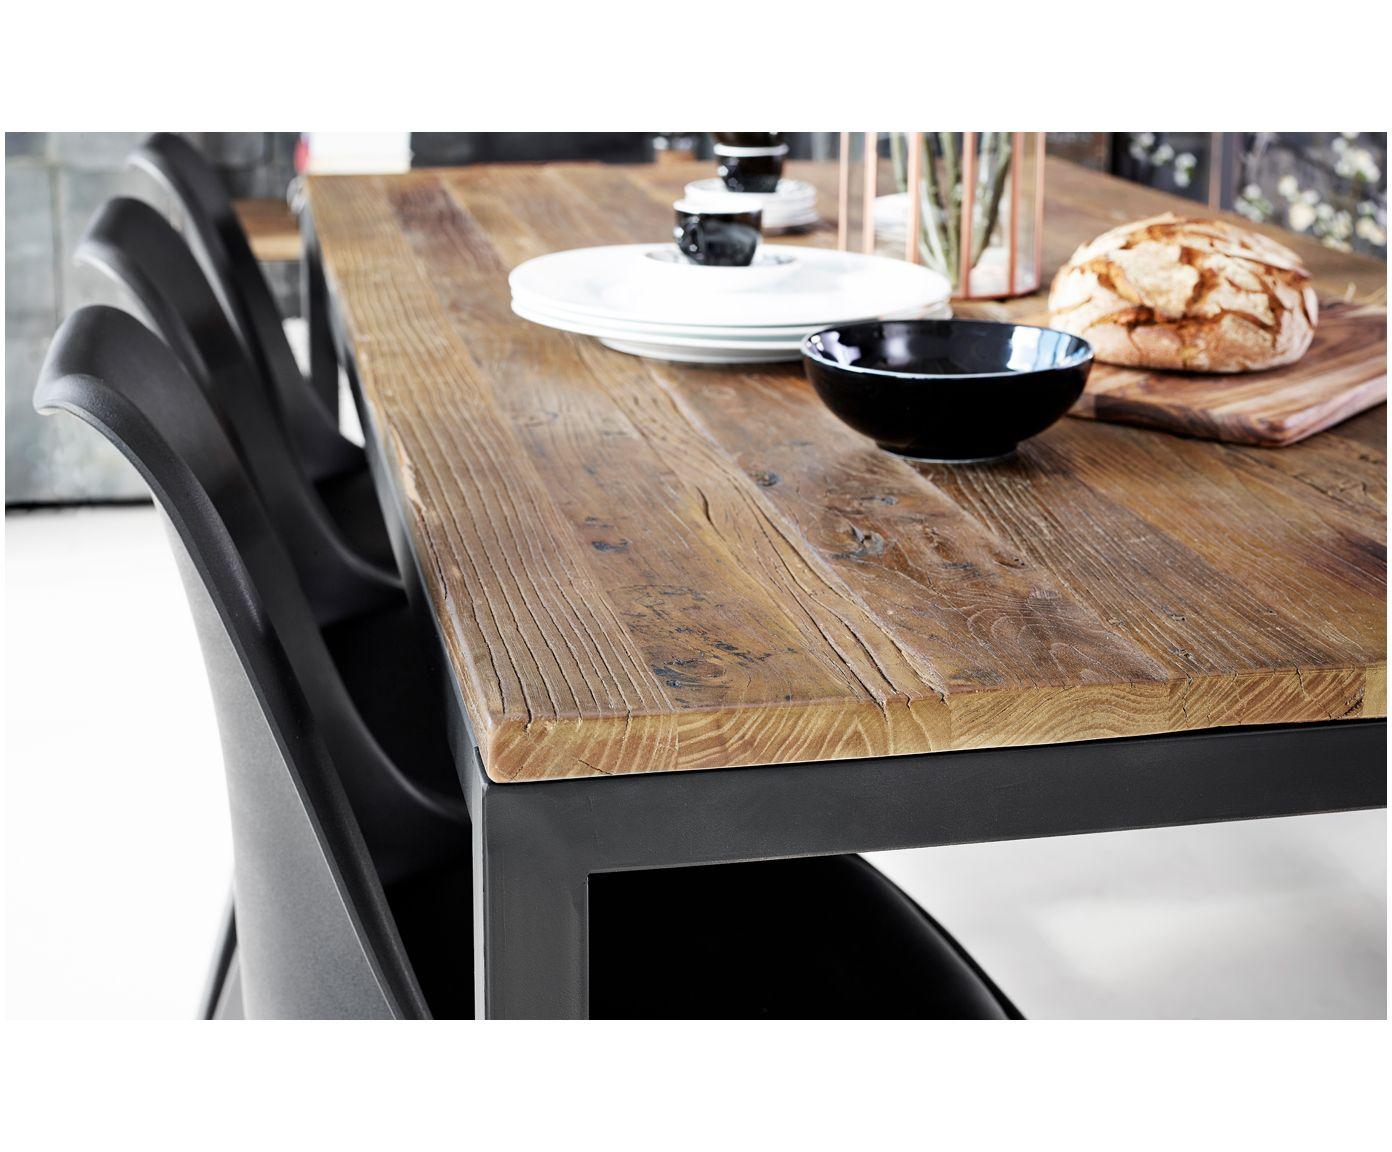 mit dem industrial esstisch vintage aus holz und metall steht dem perfekten dinner nichts mehr. Black Bedroom Furniture Sets. Home Design Ideas